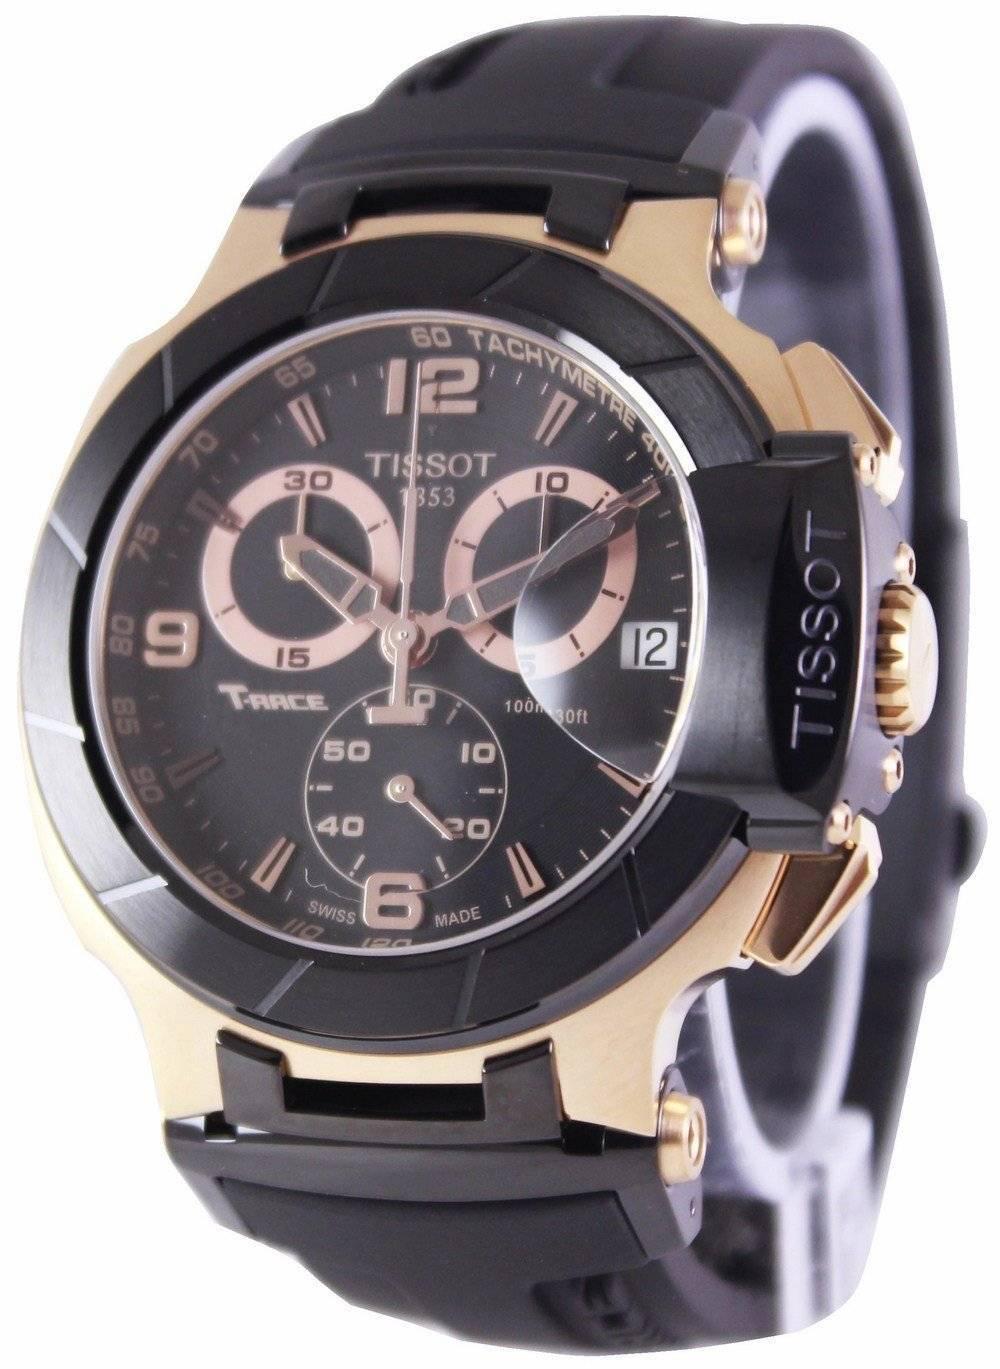 c04f6f76141 Details about Tissot T-Race Chronograph T048.417.27.057.06 Men s Watch